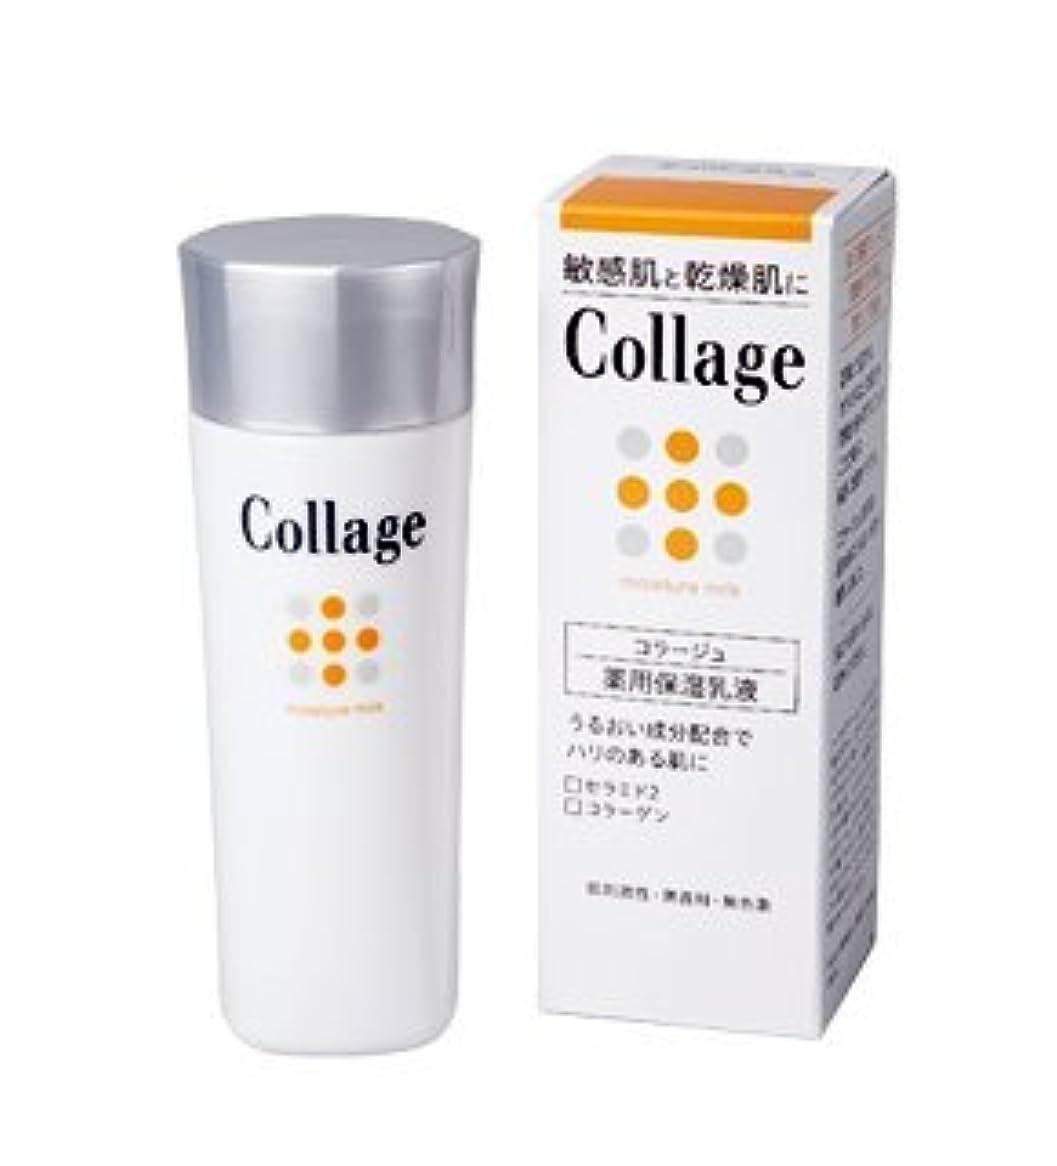 磁気謝る勘違いする【持田ヘルスケア】 コラージュ薬用保湿乳液 80ml (医薬部外品) ×4個セット